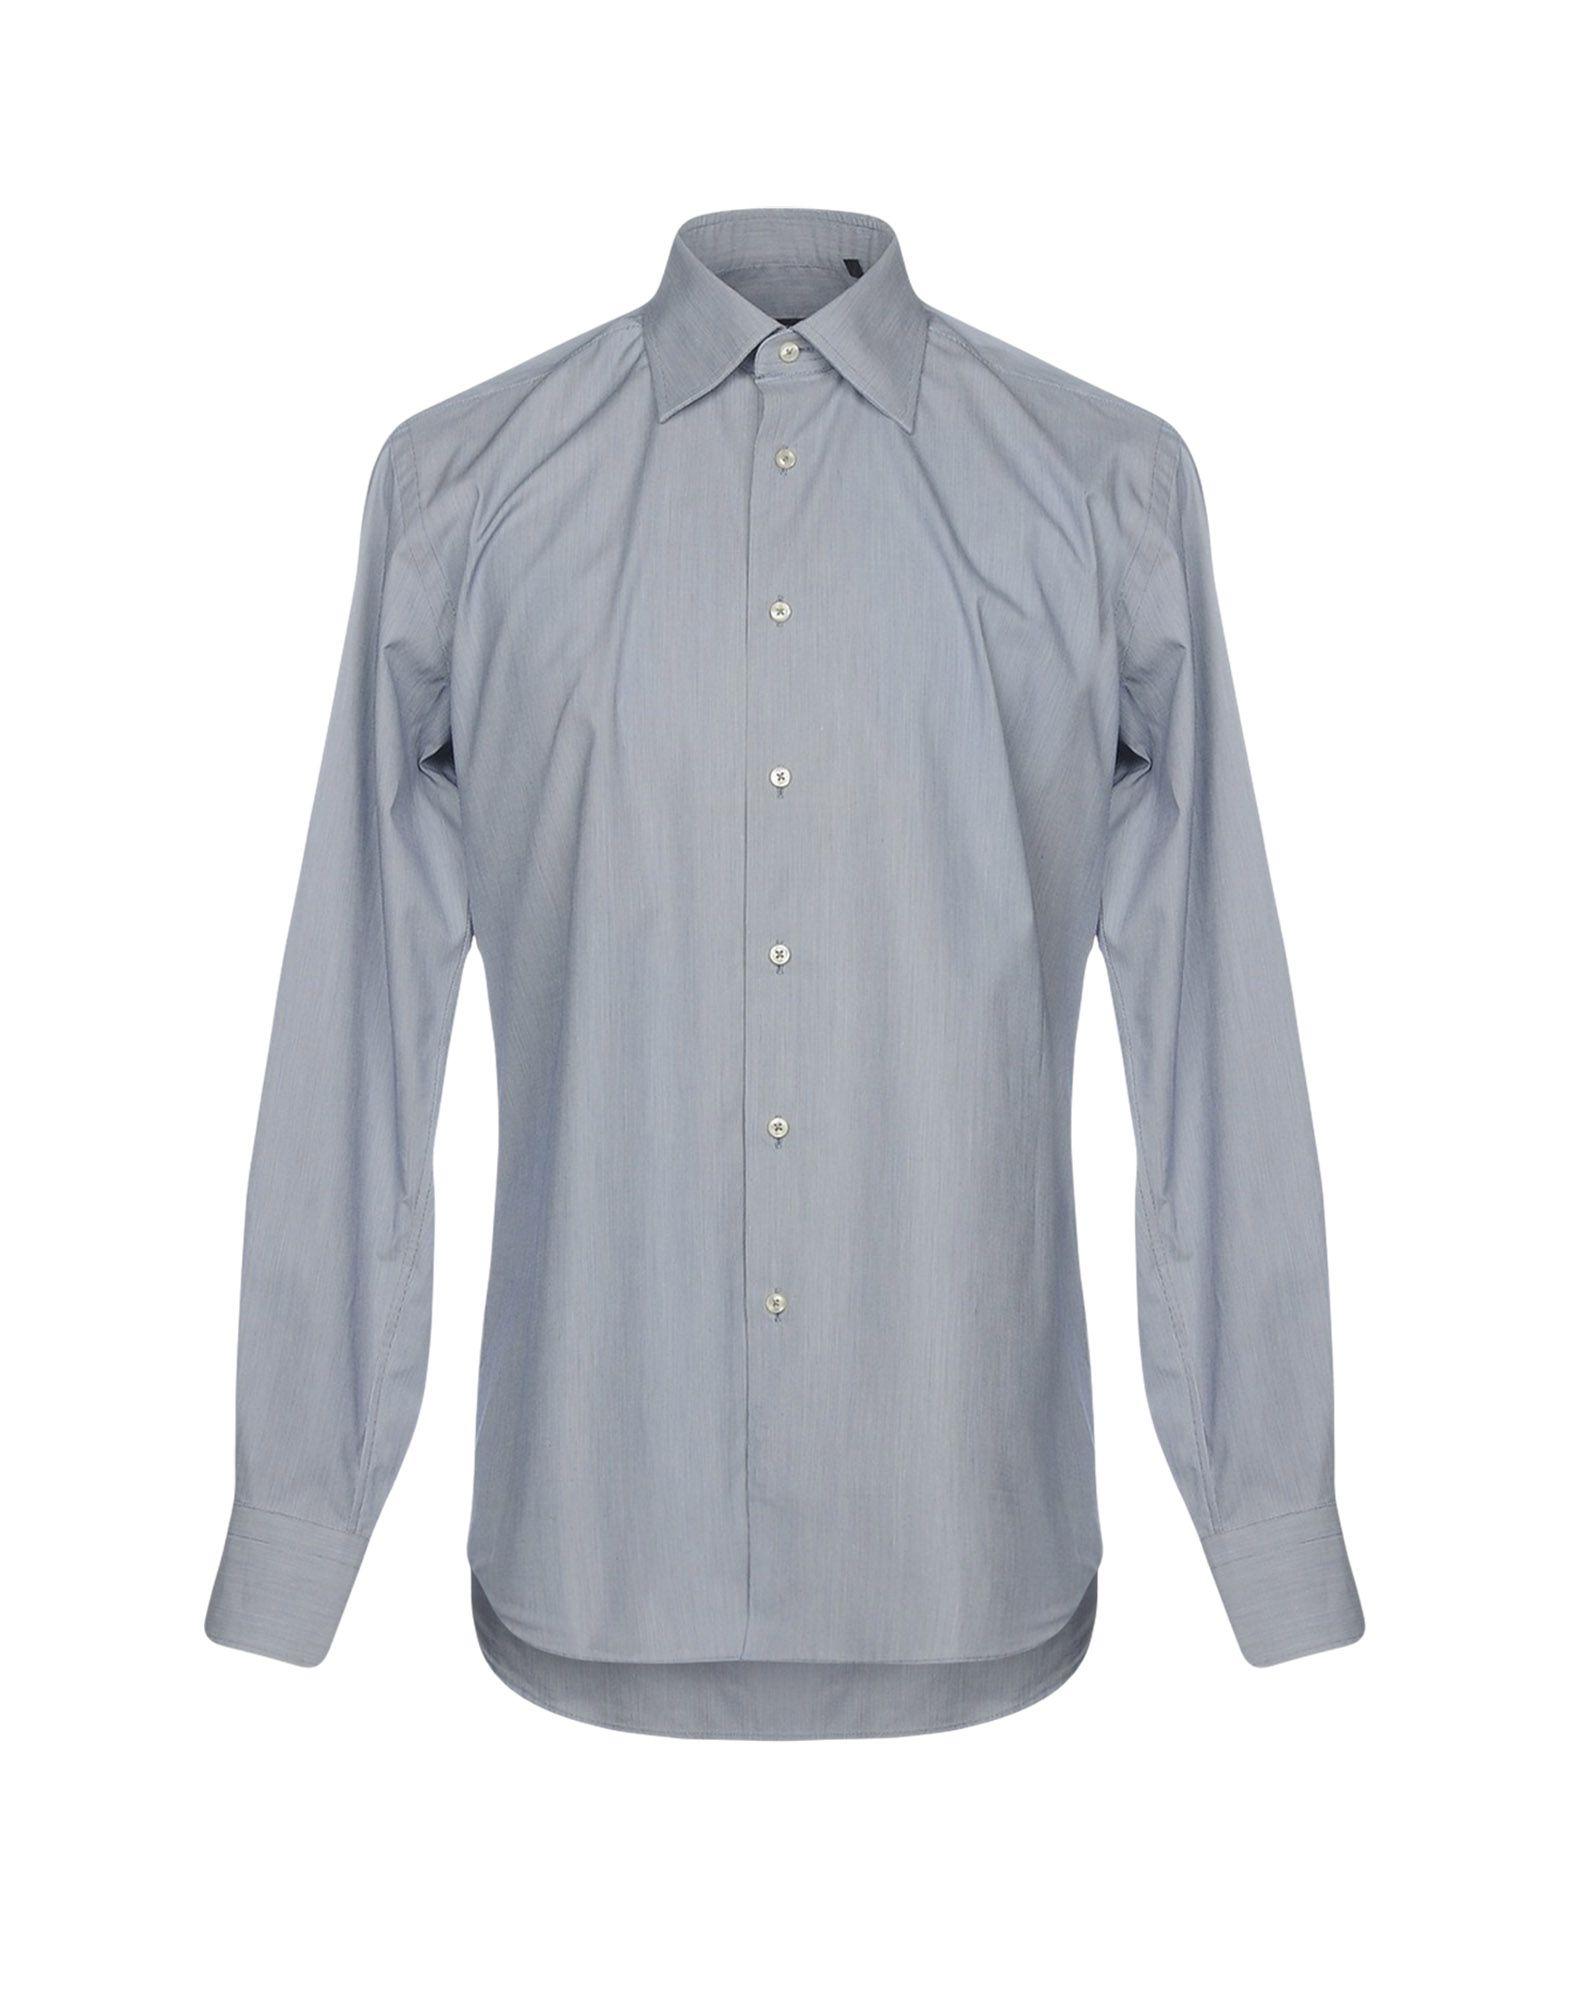 《期間限定セール開催中!》PAUL CLEMENTI メンズ シャツ ブルー 40 コットン 100%